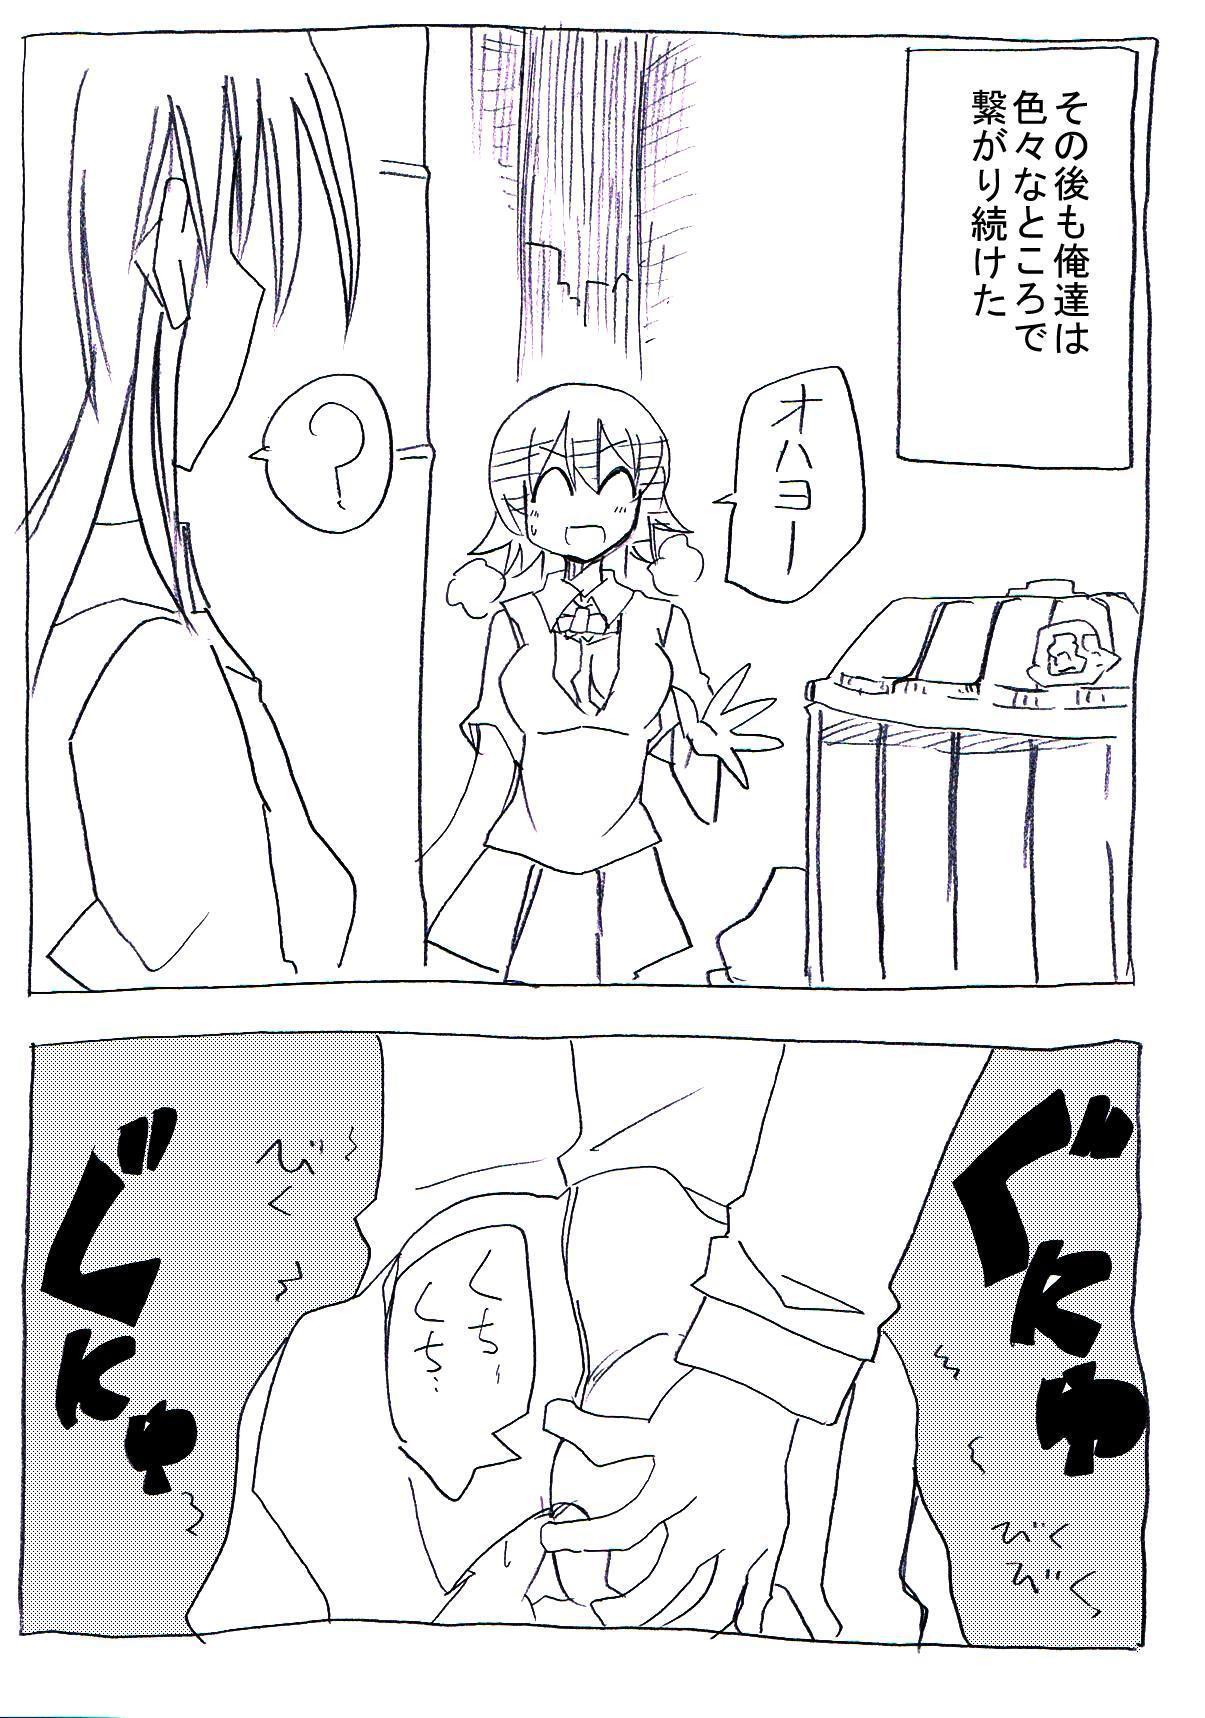 Uchi no Imouto wa Pantsu Haitenai 20